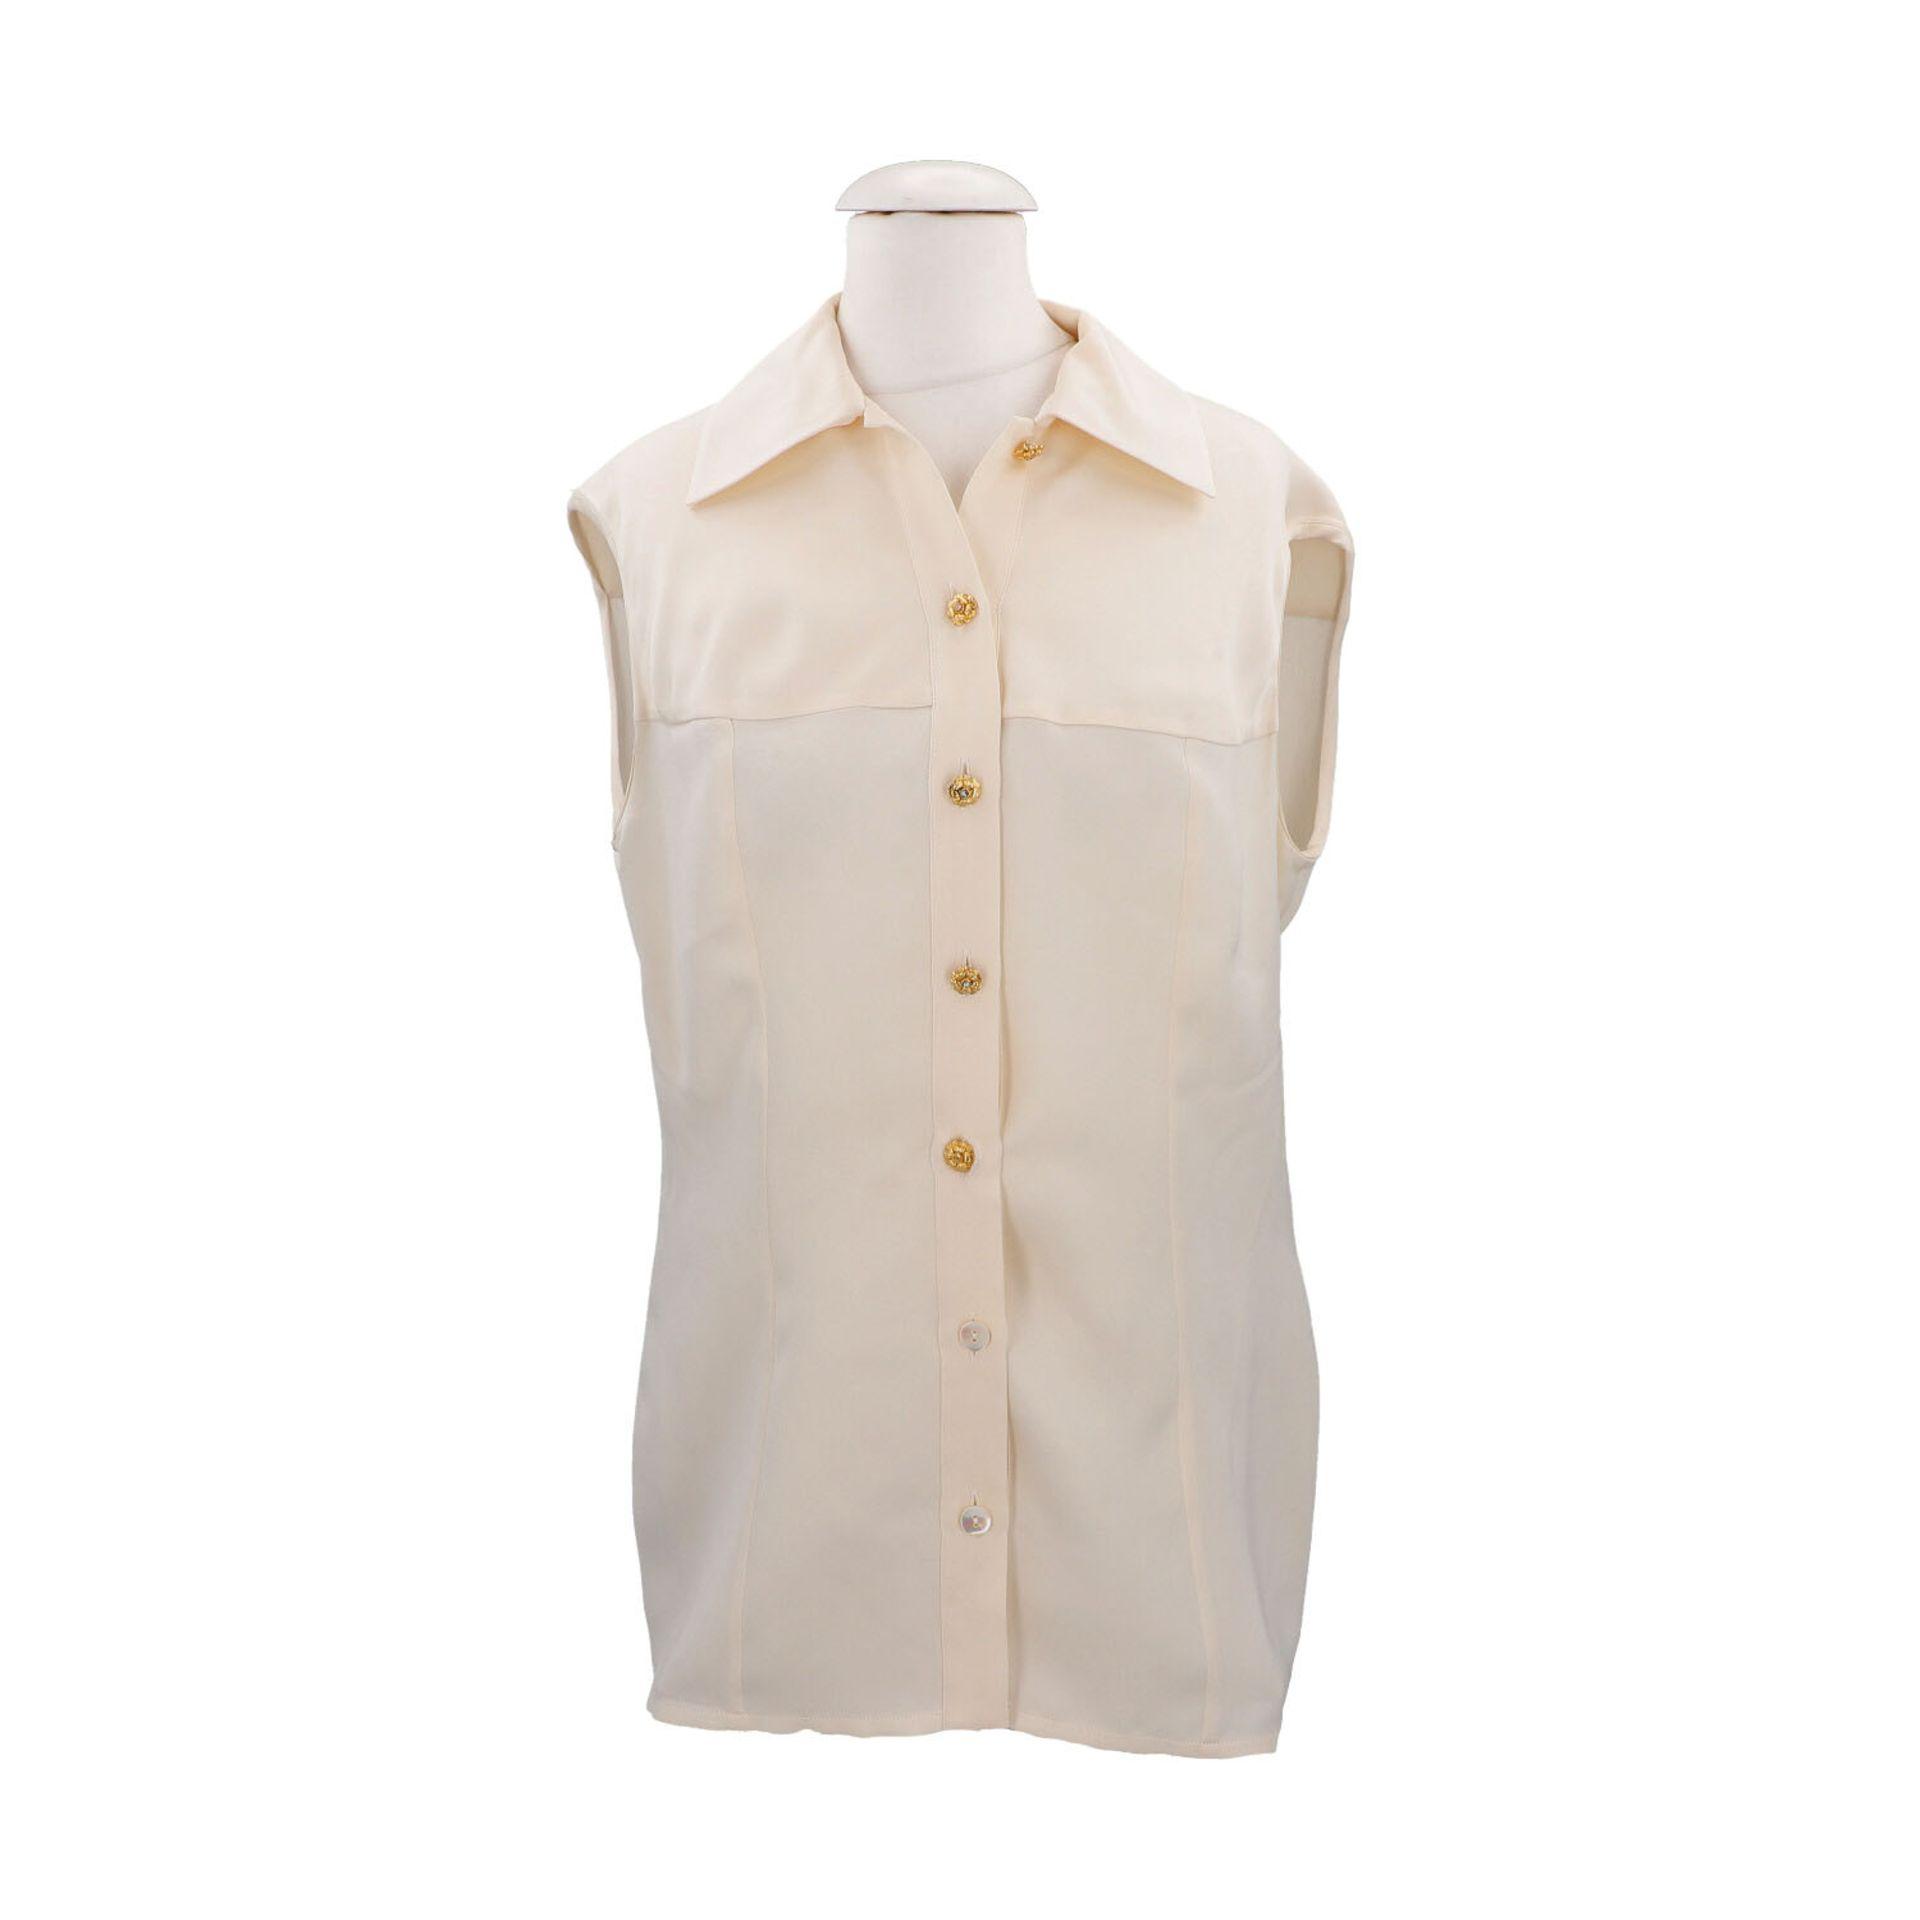 CHANEL BOUTIQUE Bluse, Gr. 42.Herstellergröße 44. Cremefarbenes Seiden-Modell mit Umlegekragen und